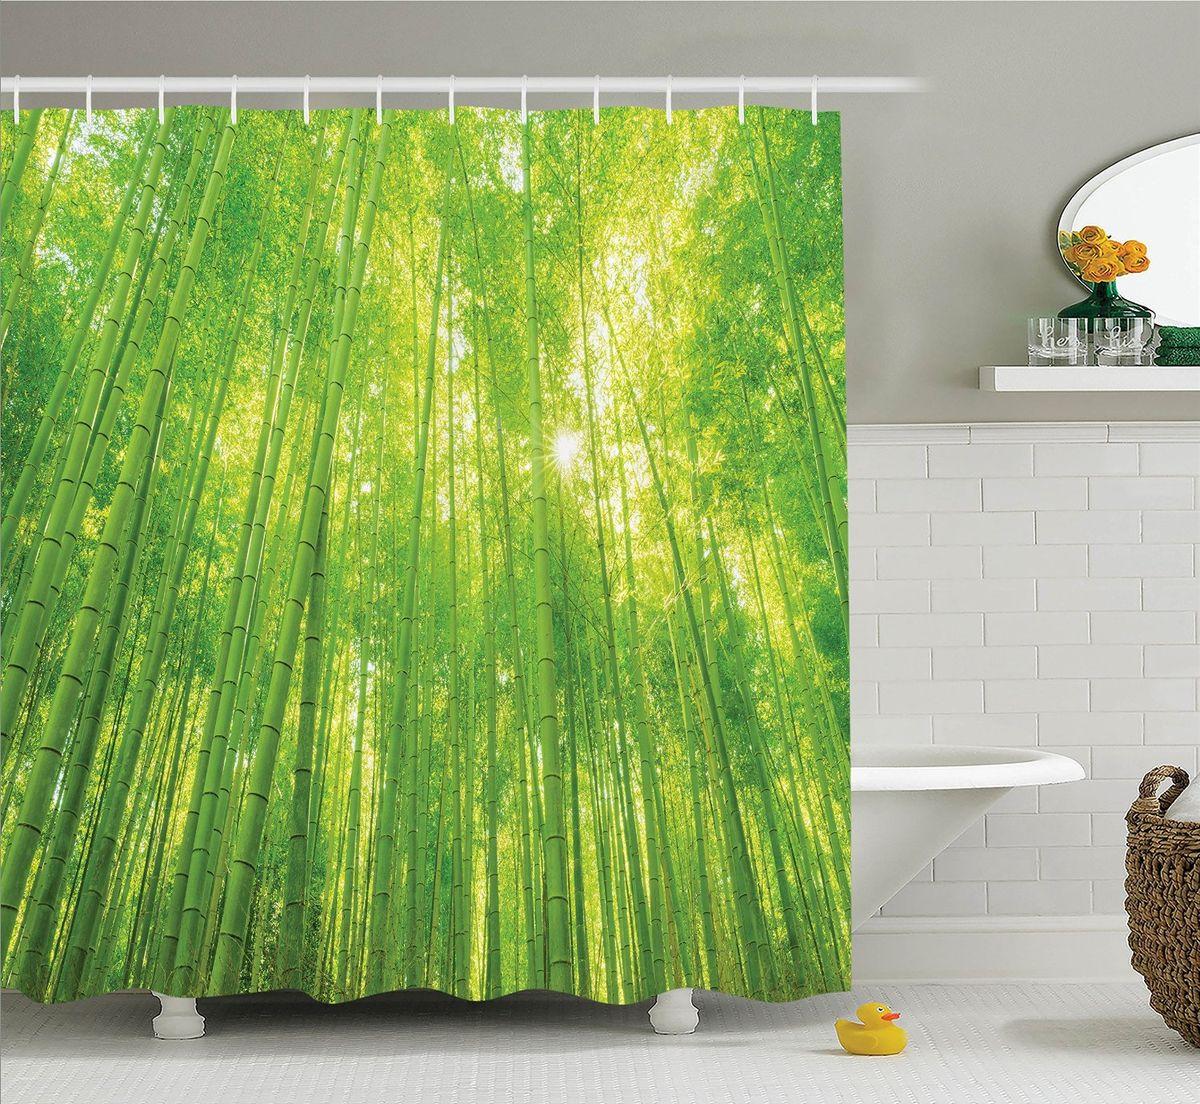 """Штора Magic Lady """"Бамбуковый лес"""", изготовленная из высококачественного сатена (полиэстер 100%), отлично дополнит любой интерьер ванной комнаты. При изготовлении используются специальные гипоаллергенные чернила для прямой печати по ткани, безопасные для человека.    В комплекте: 1 штора, 12 крючков. Обращаем ваше внимание, фактический цвет изделия может незначительно отличаться от представленного на фото."""